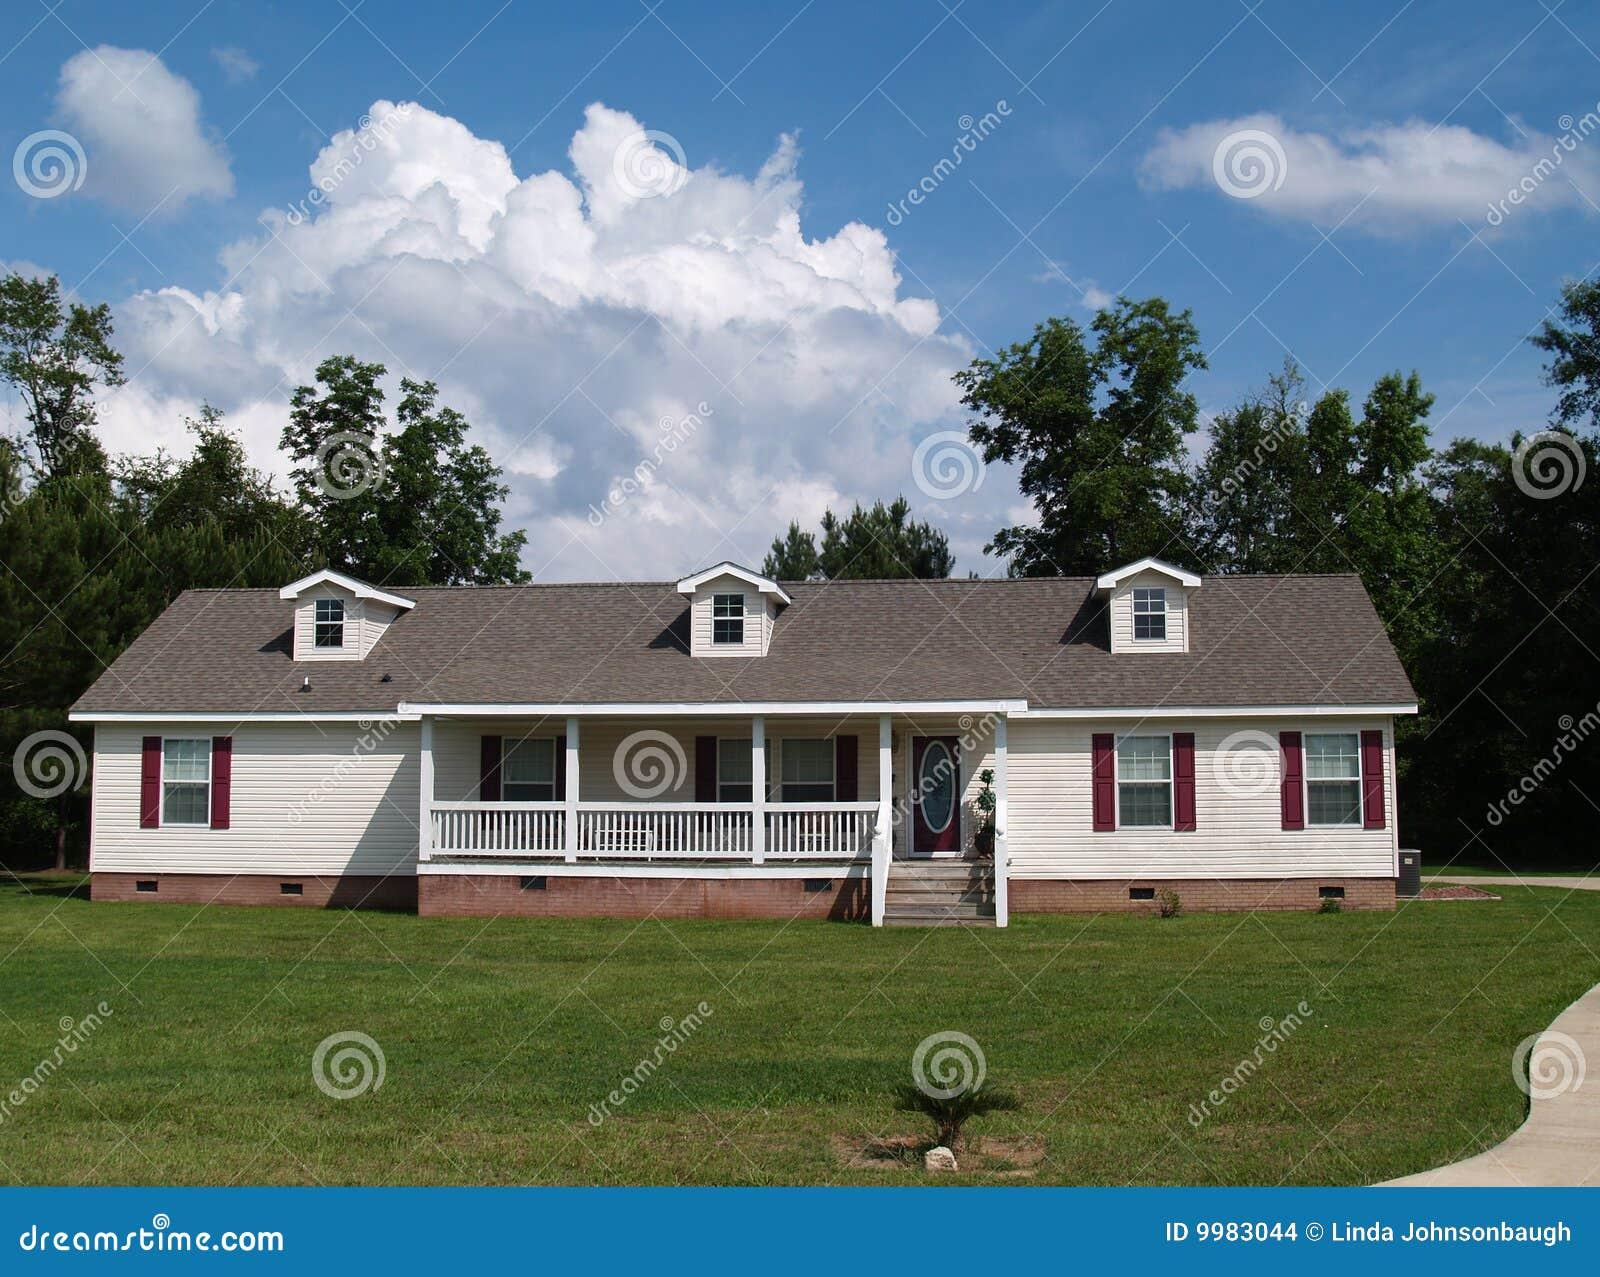 Swell Single Story Brick House White Trends Home Design Images Inspirational Interior Design Netriciaus